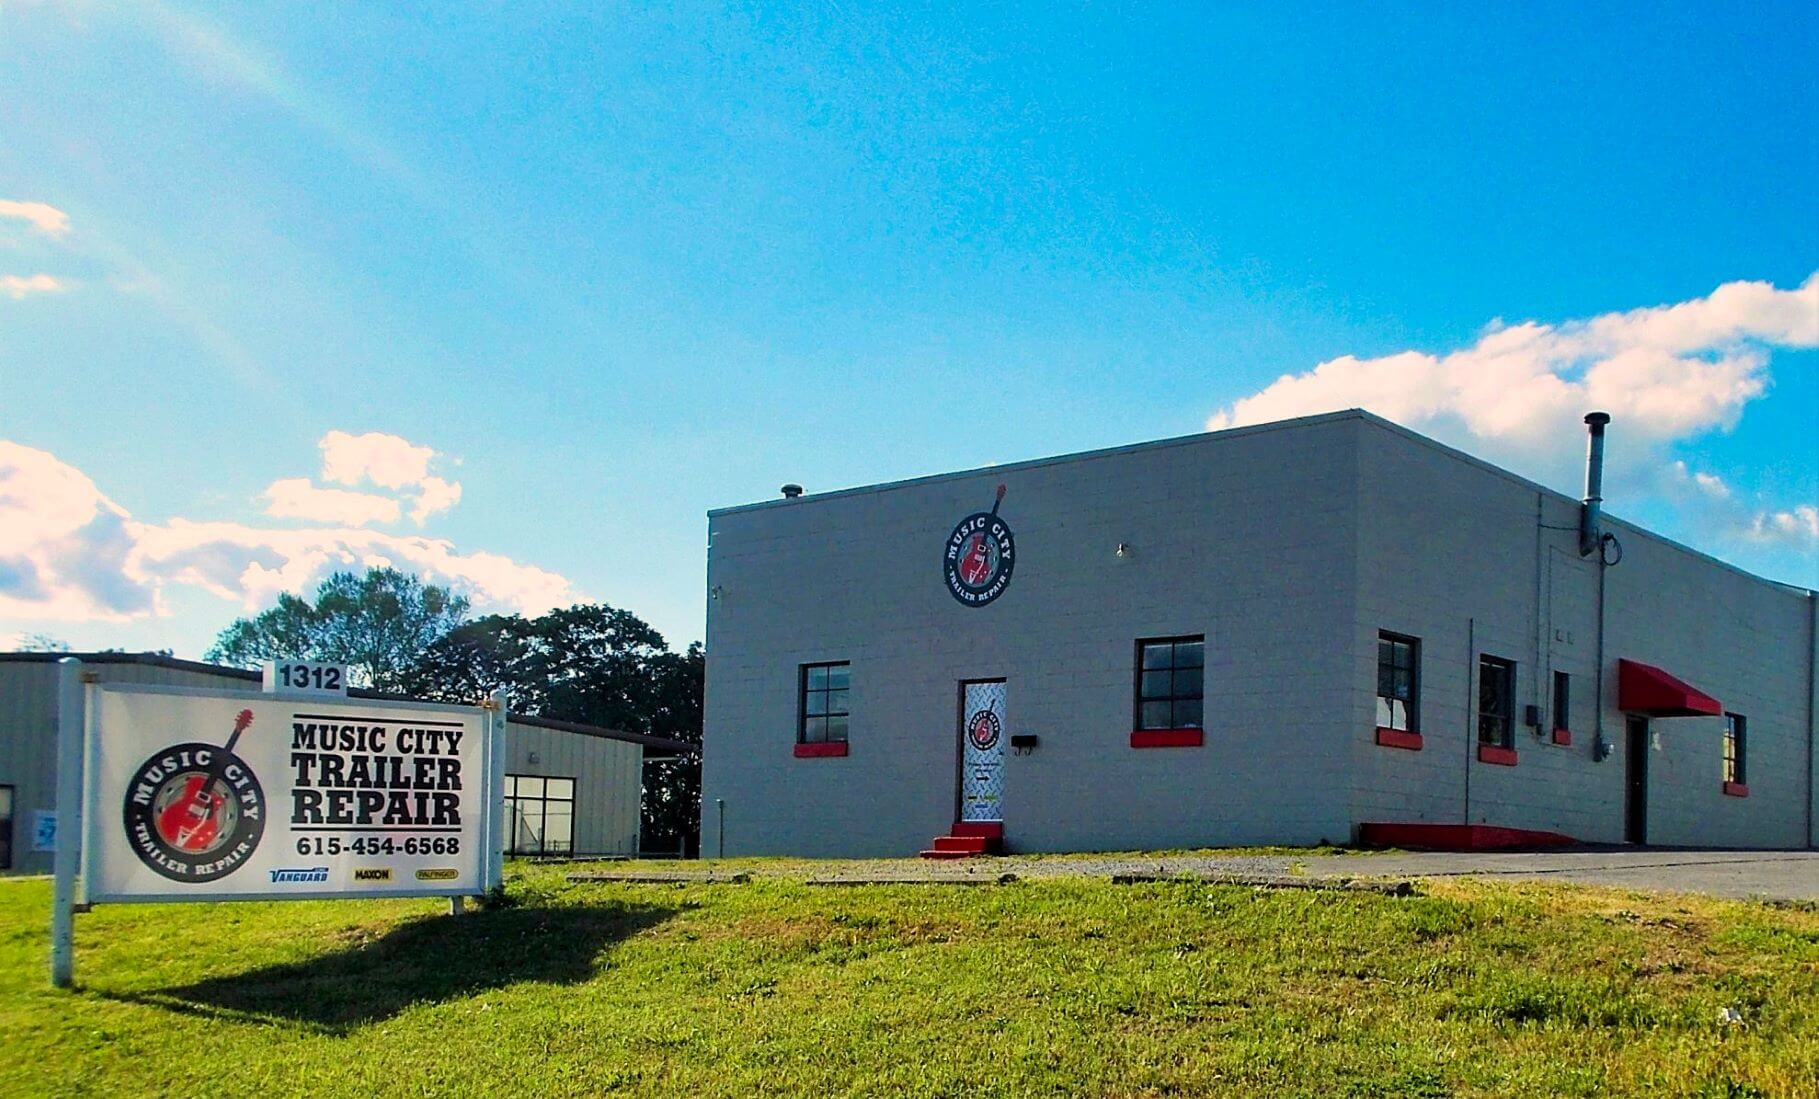 Music City Trailer Repair Building